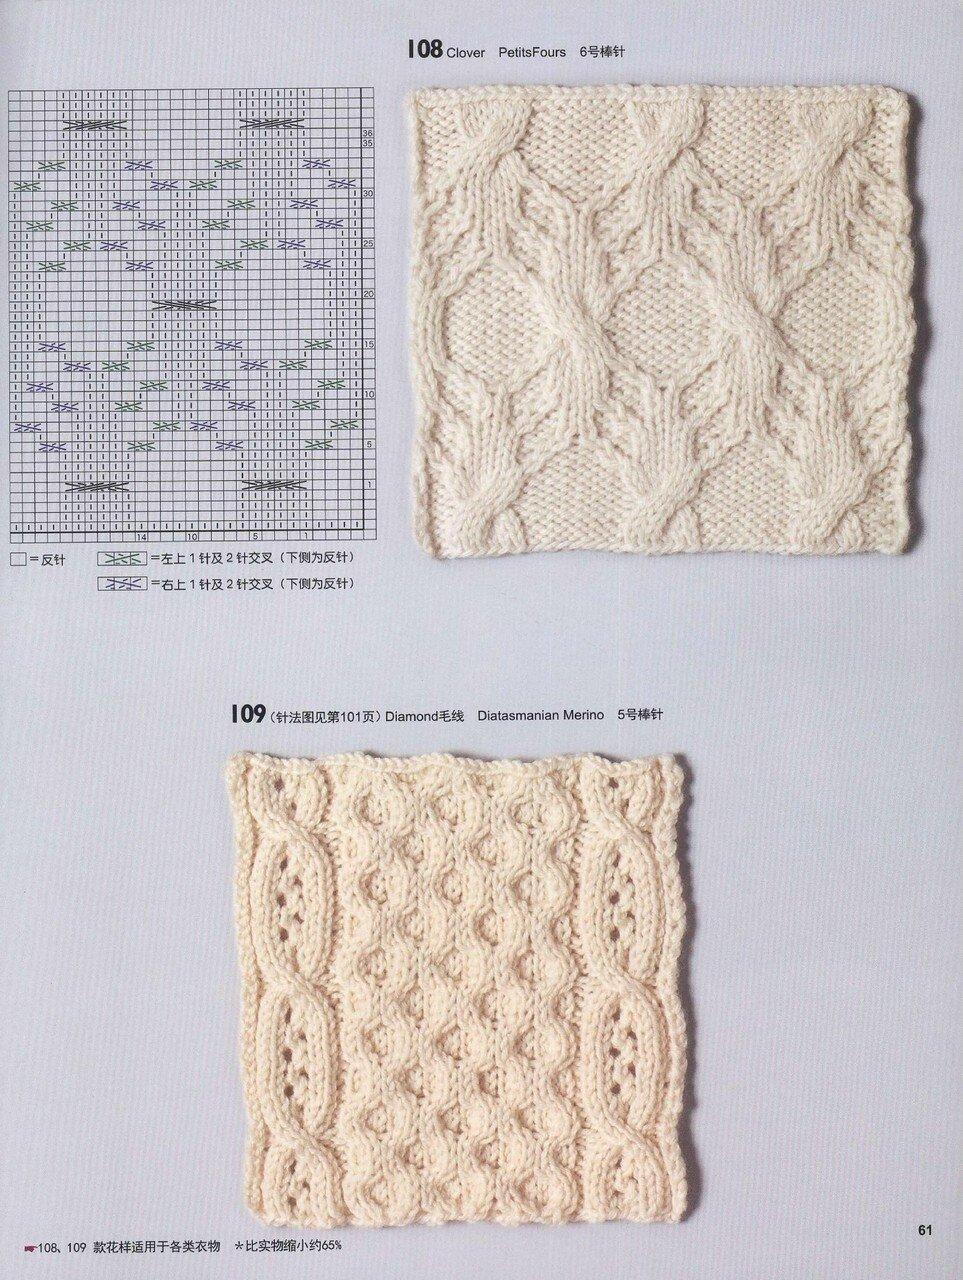 150 Knitting_63.jpg